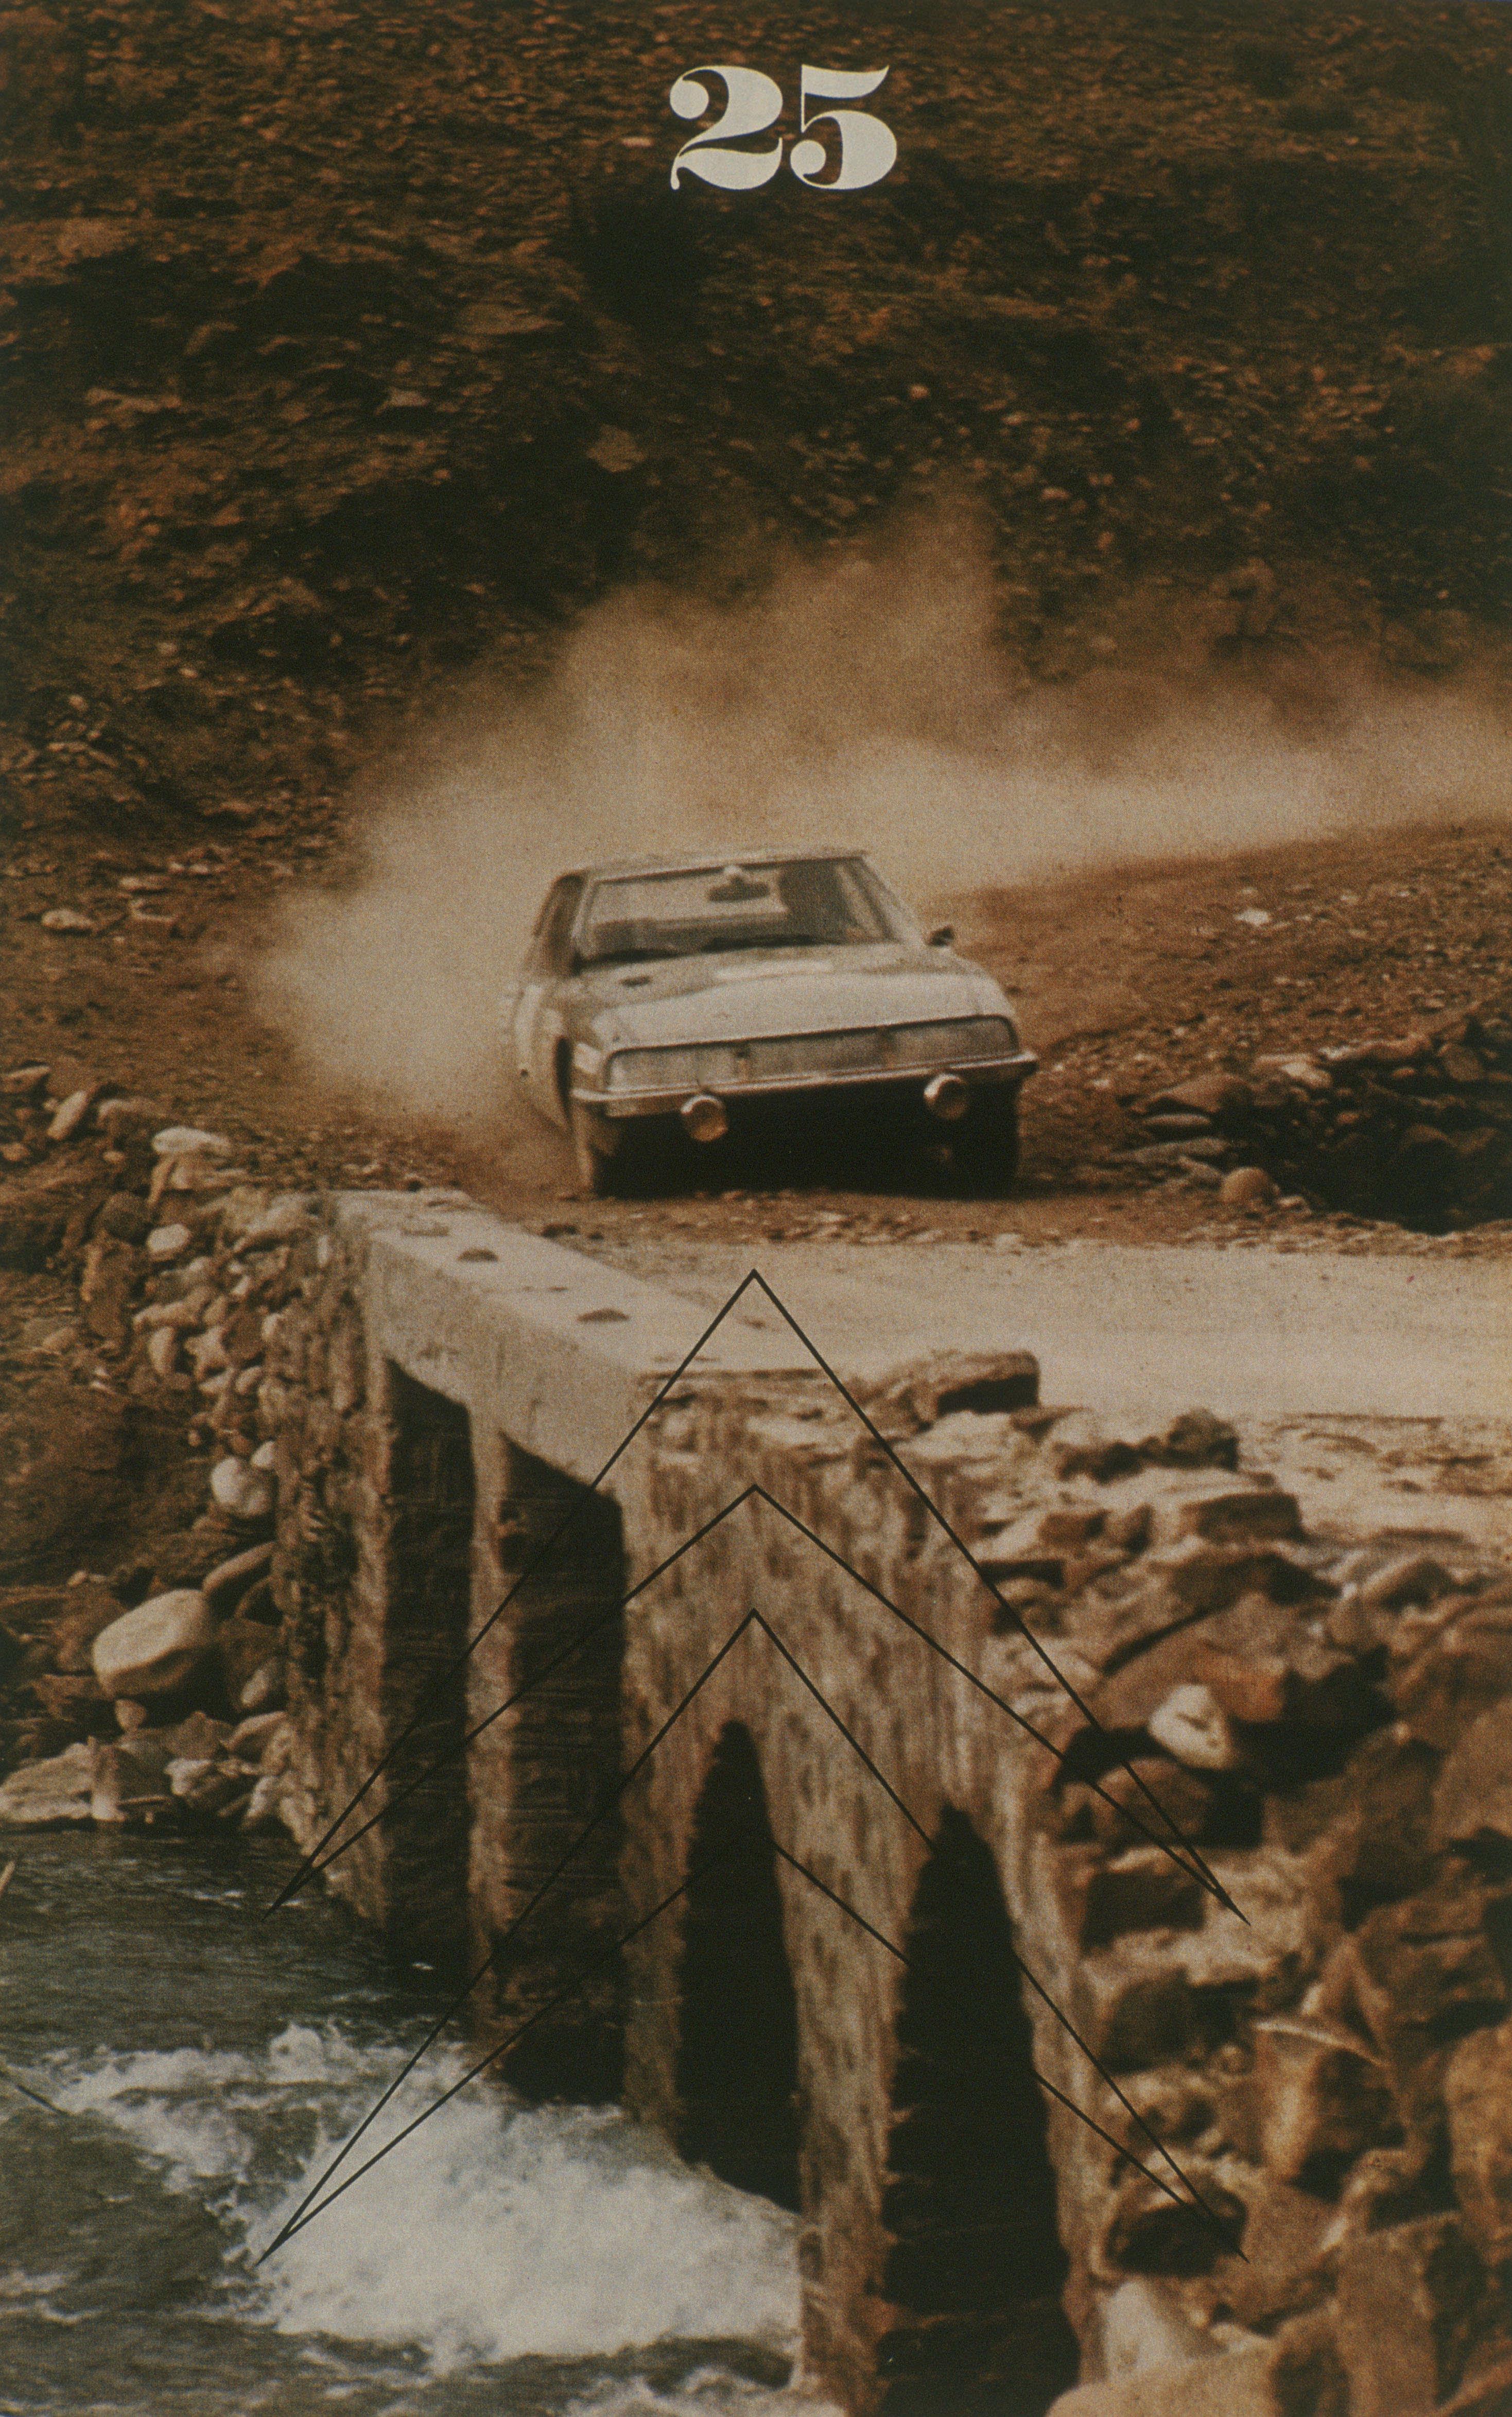 ダブル・シェブロン No.25 - SM - 1971年